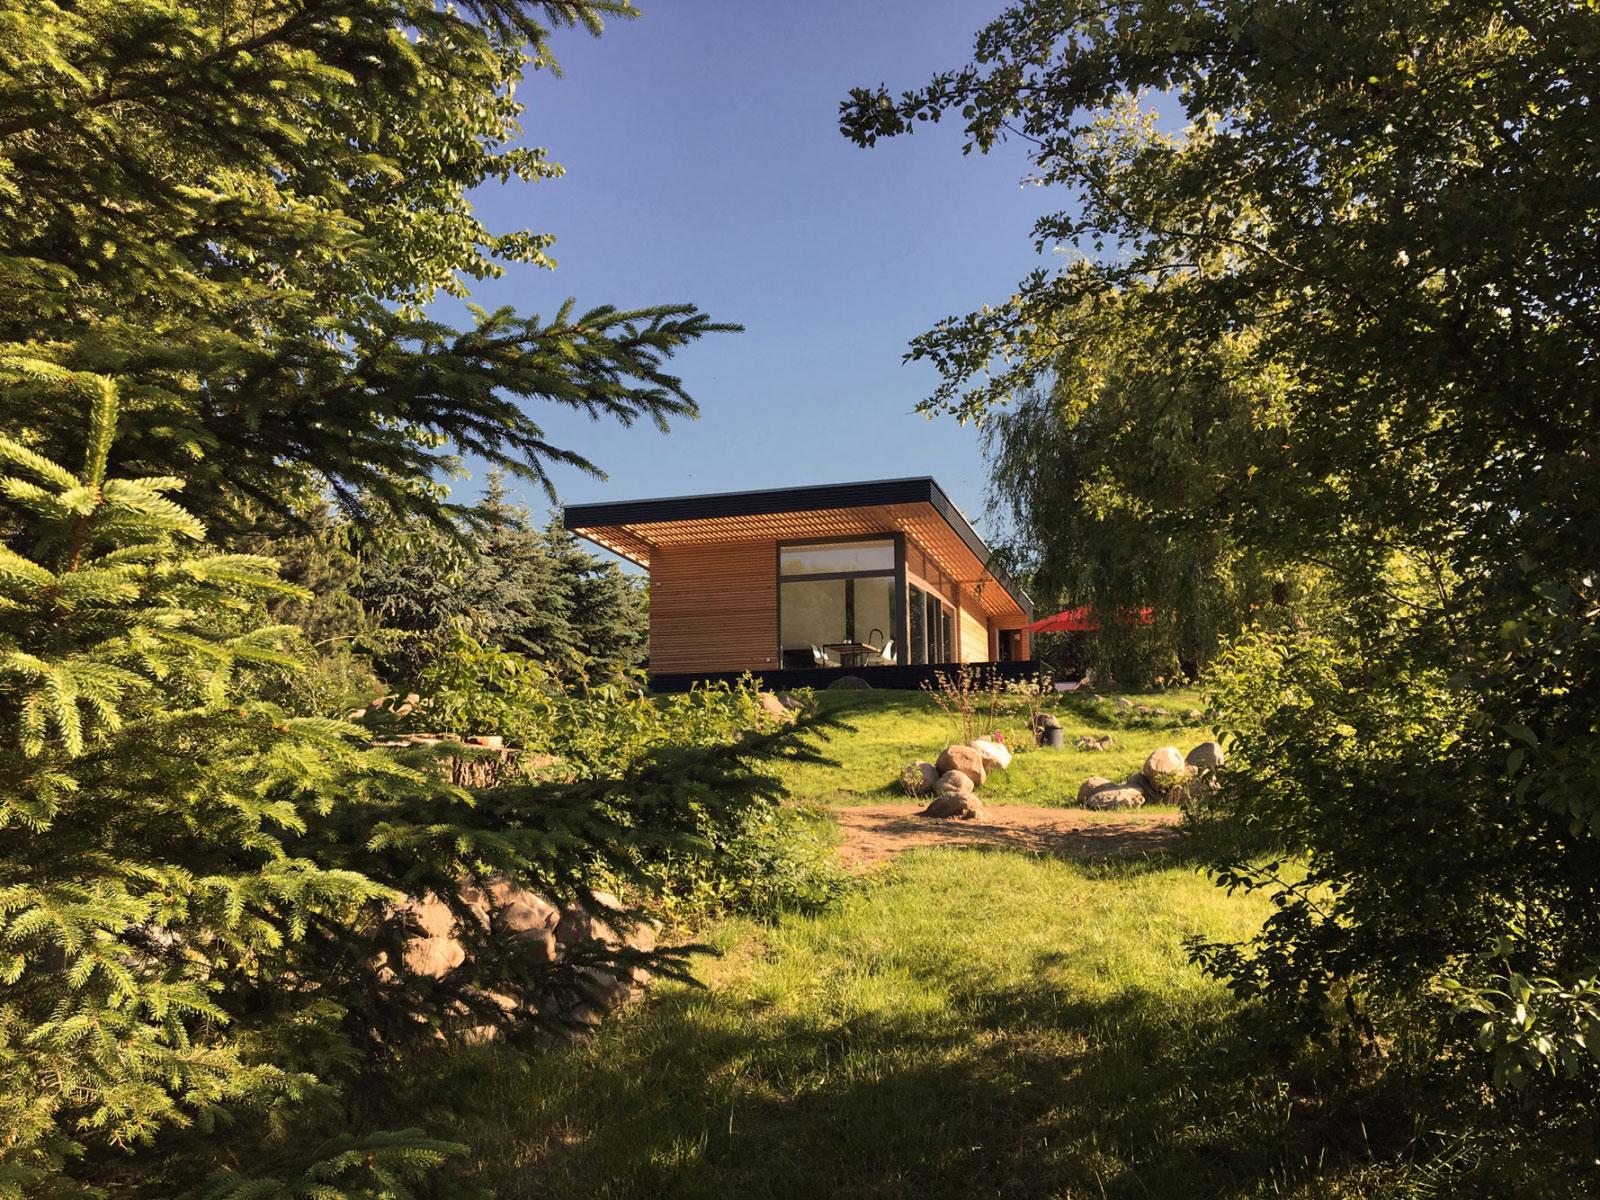 Fertighaus mit großzügige Terrasse mit Vordach.